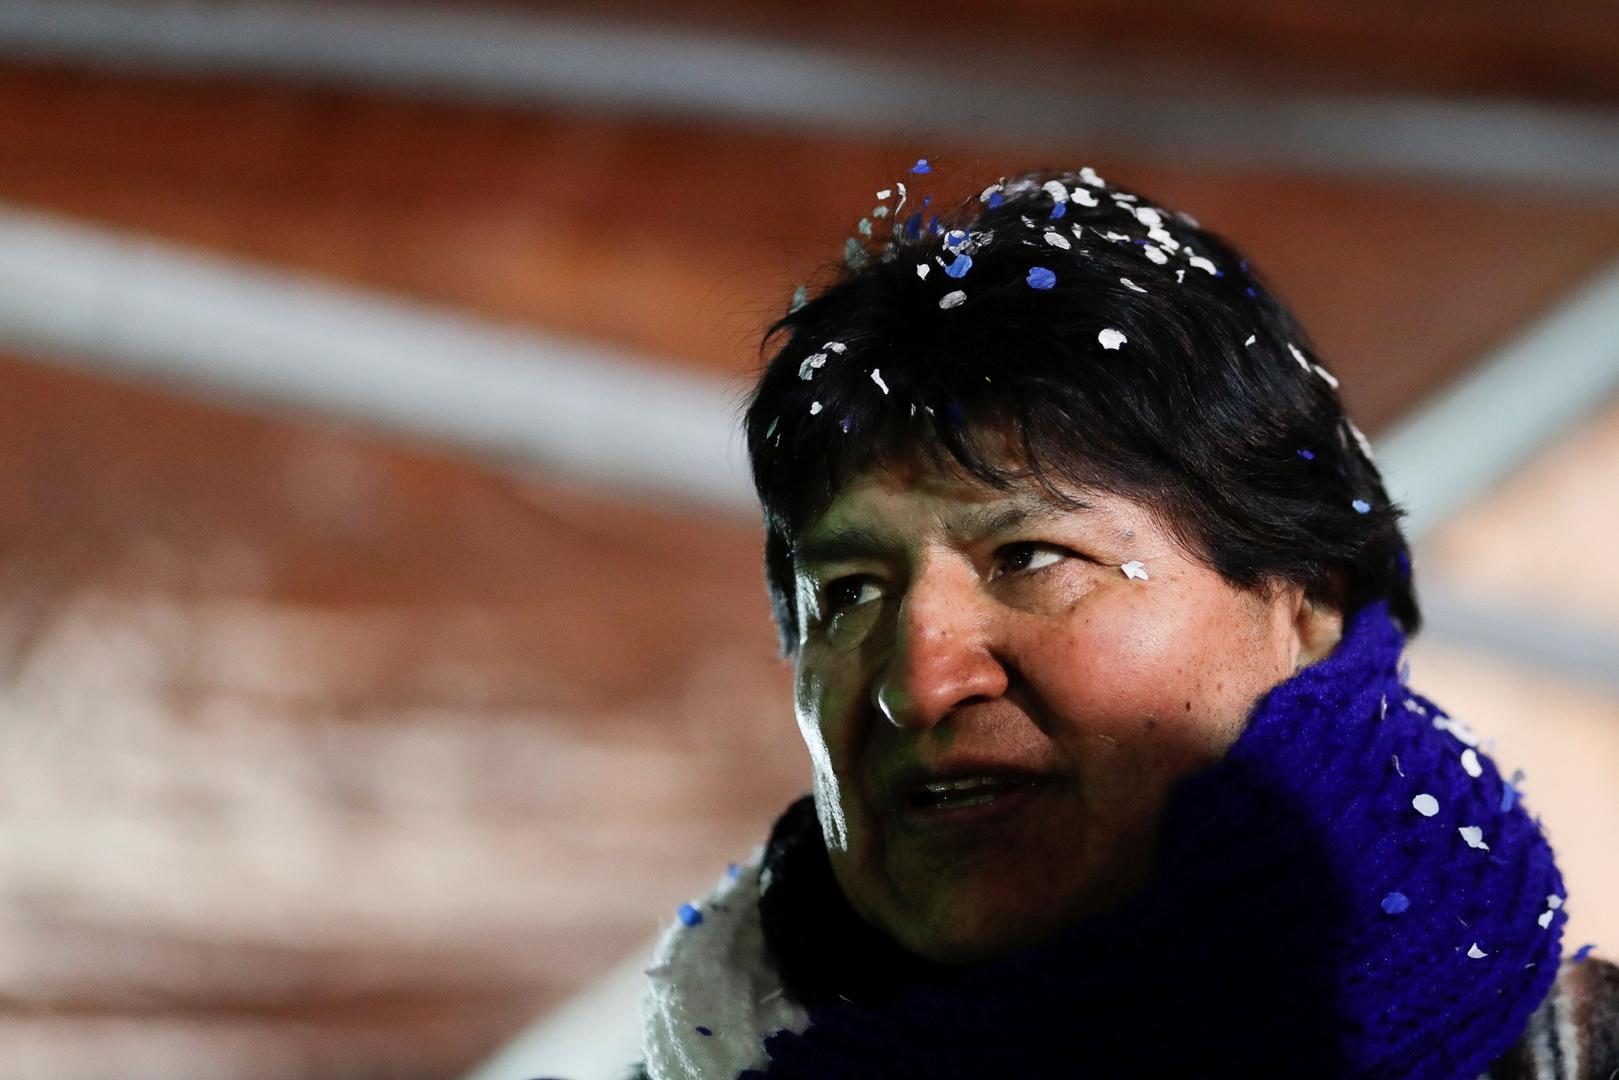 إصابة الرئيس البوليفي السابق إيفو مورالس بـ